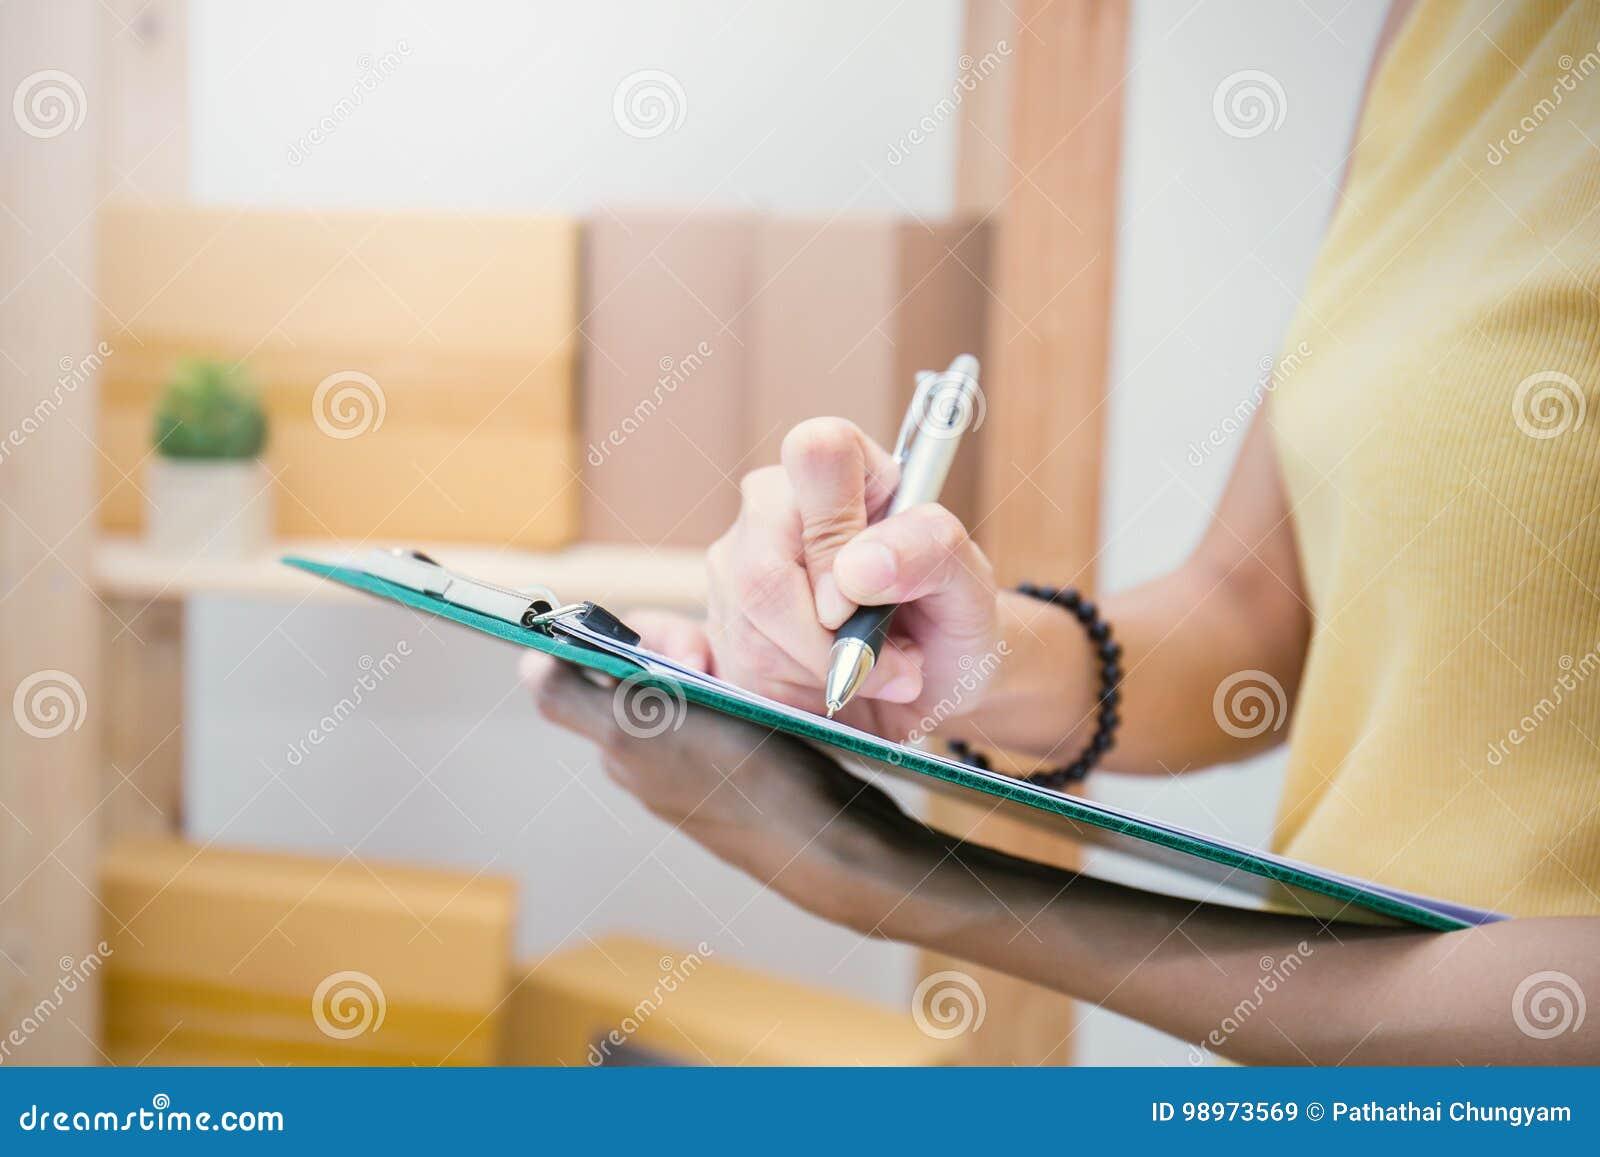 Συσκευάζοντας κιβώτιο on-line μάρκετινγκ και παράδοση, έννοια ΜΜΕ